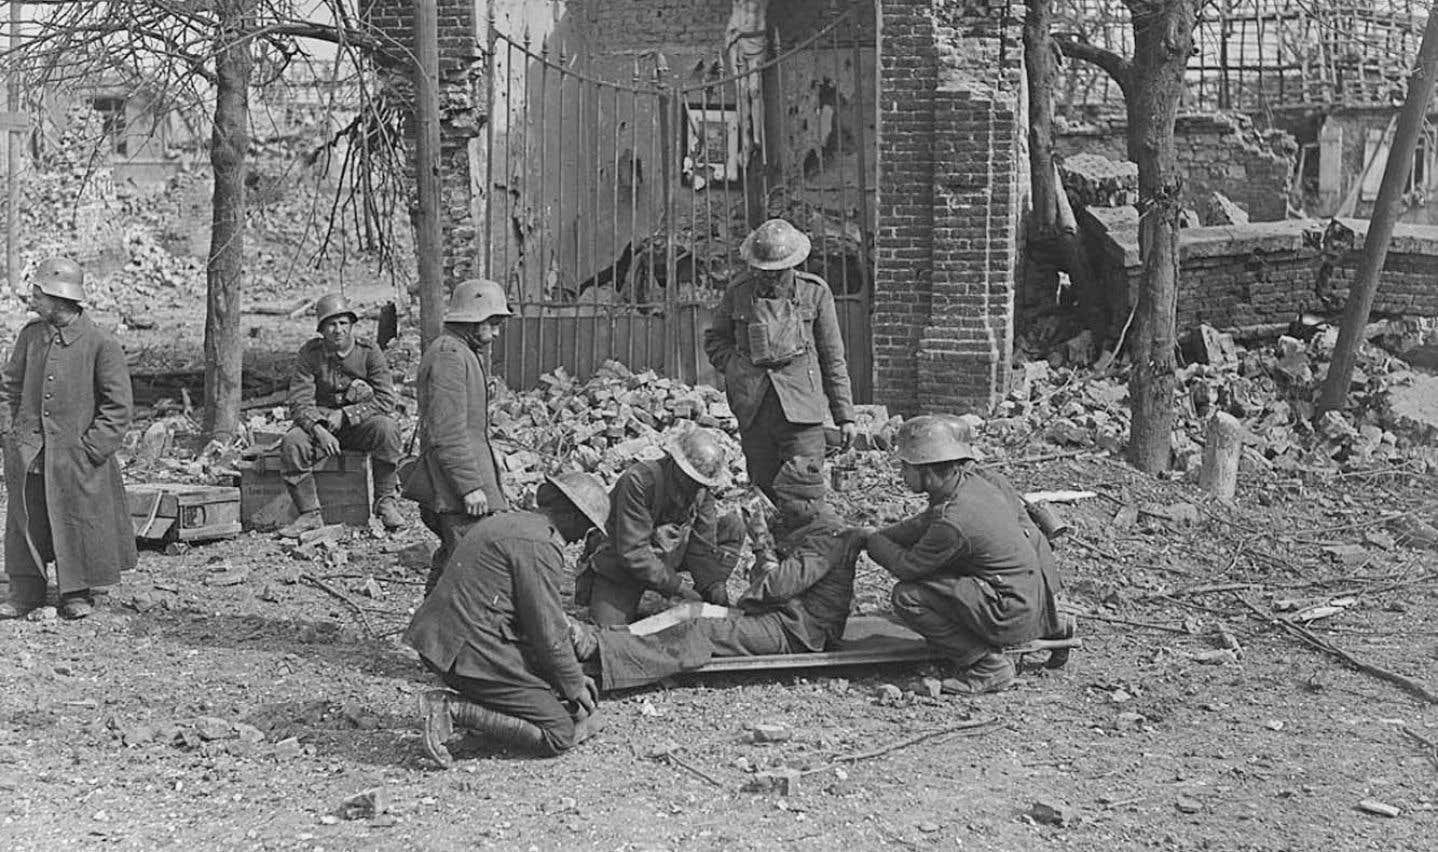 Tirée de l'exposition La Grande Guerre: Le pouvoir d'influence de la photographie, au Musée des beaux-arts du Canada.